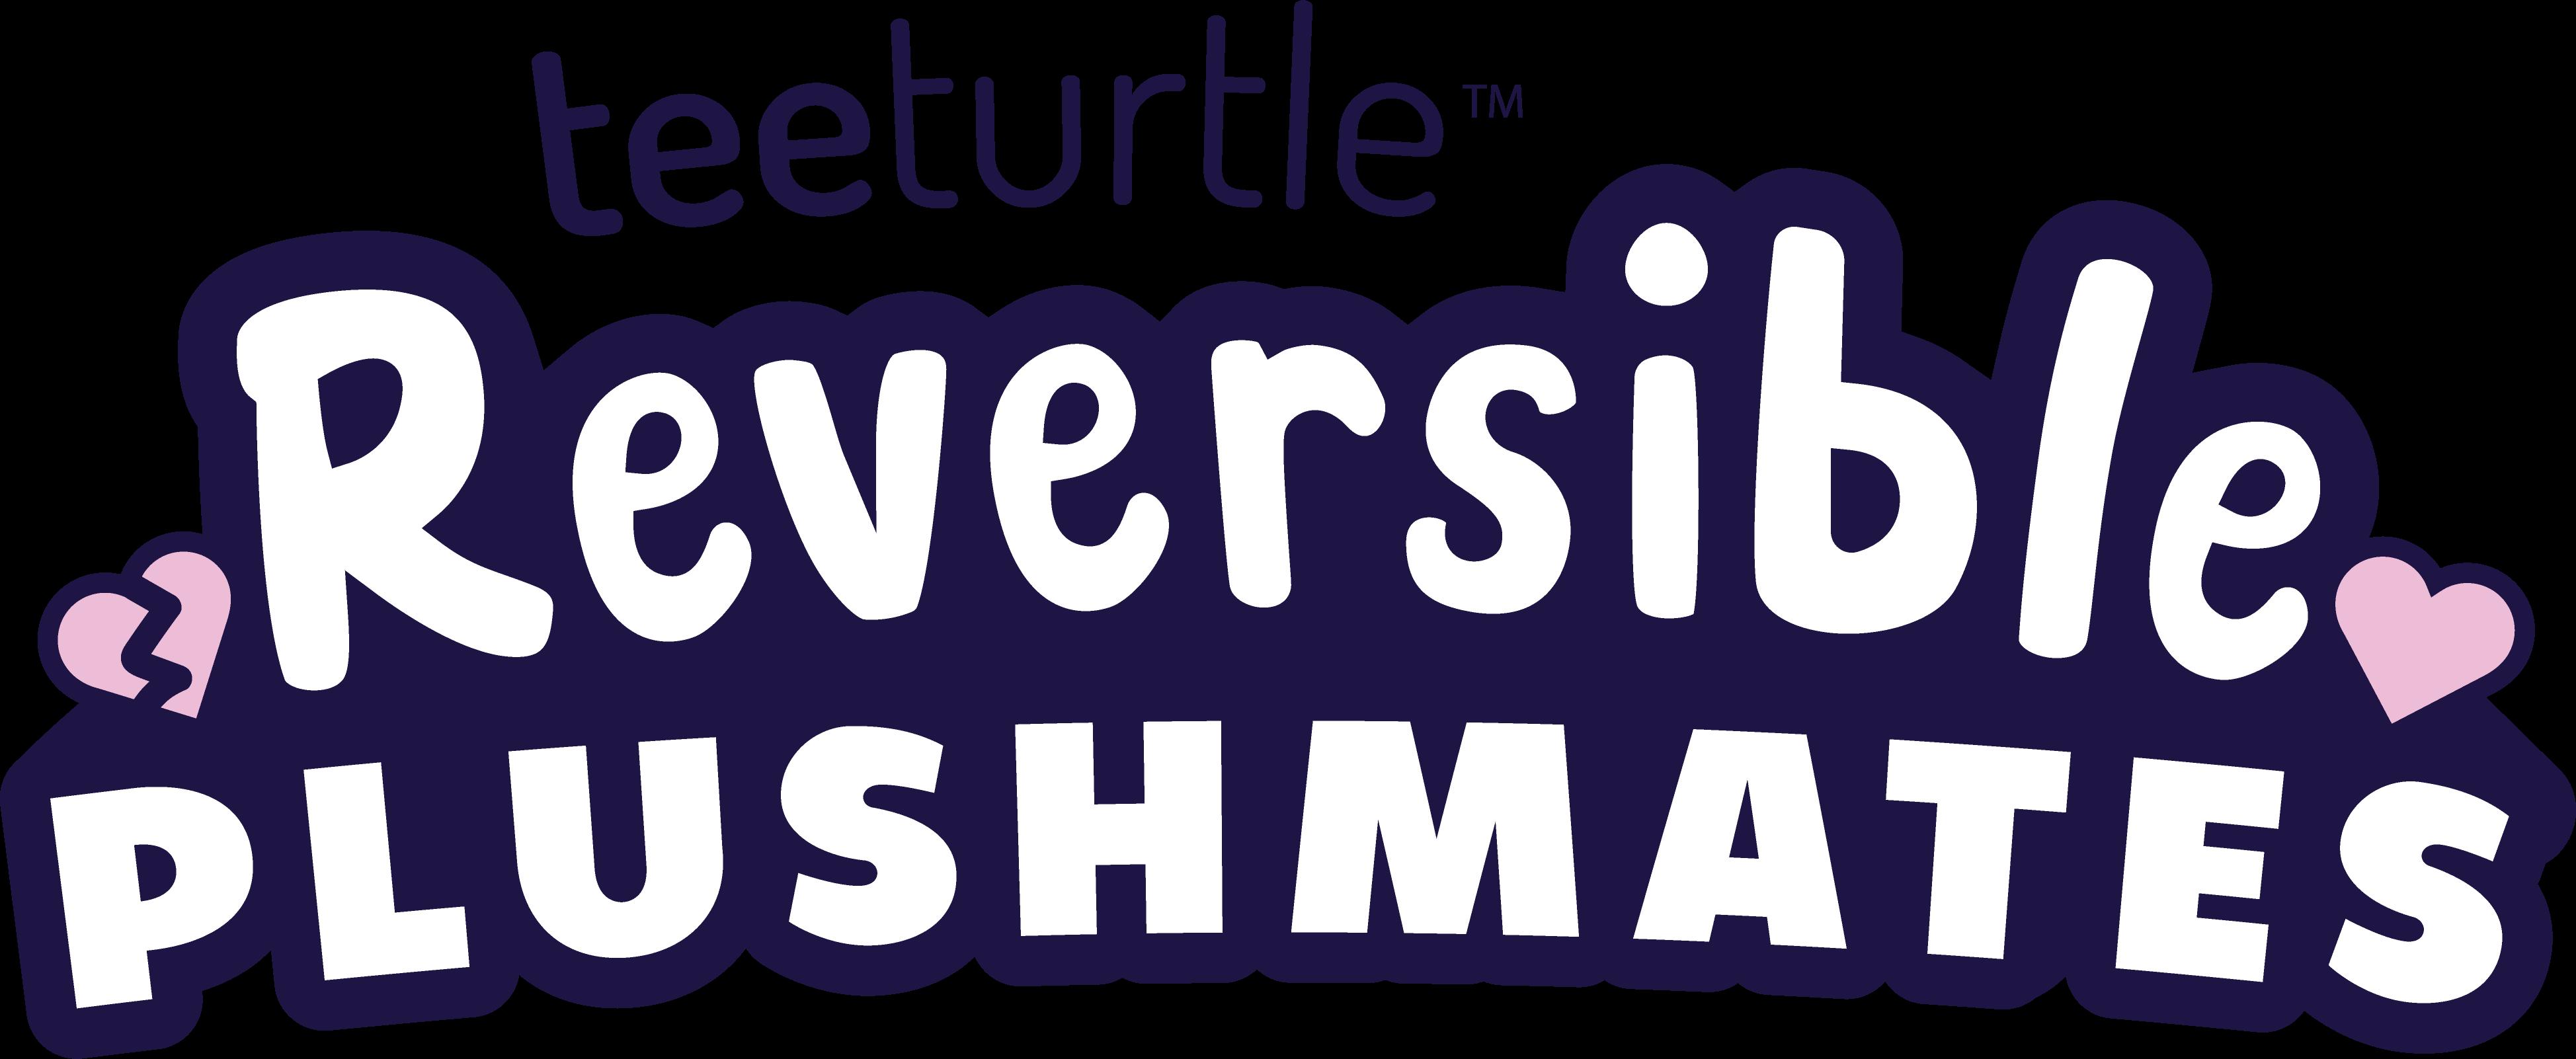 Plushmates_Logo_Standard_v1.png